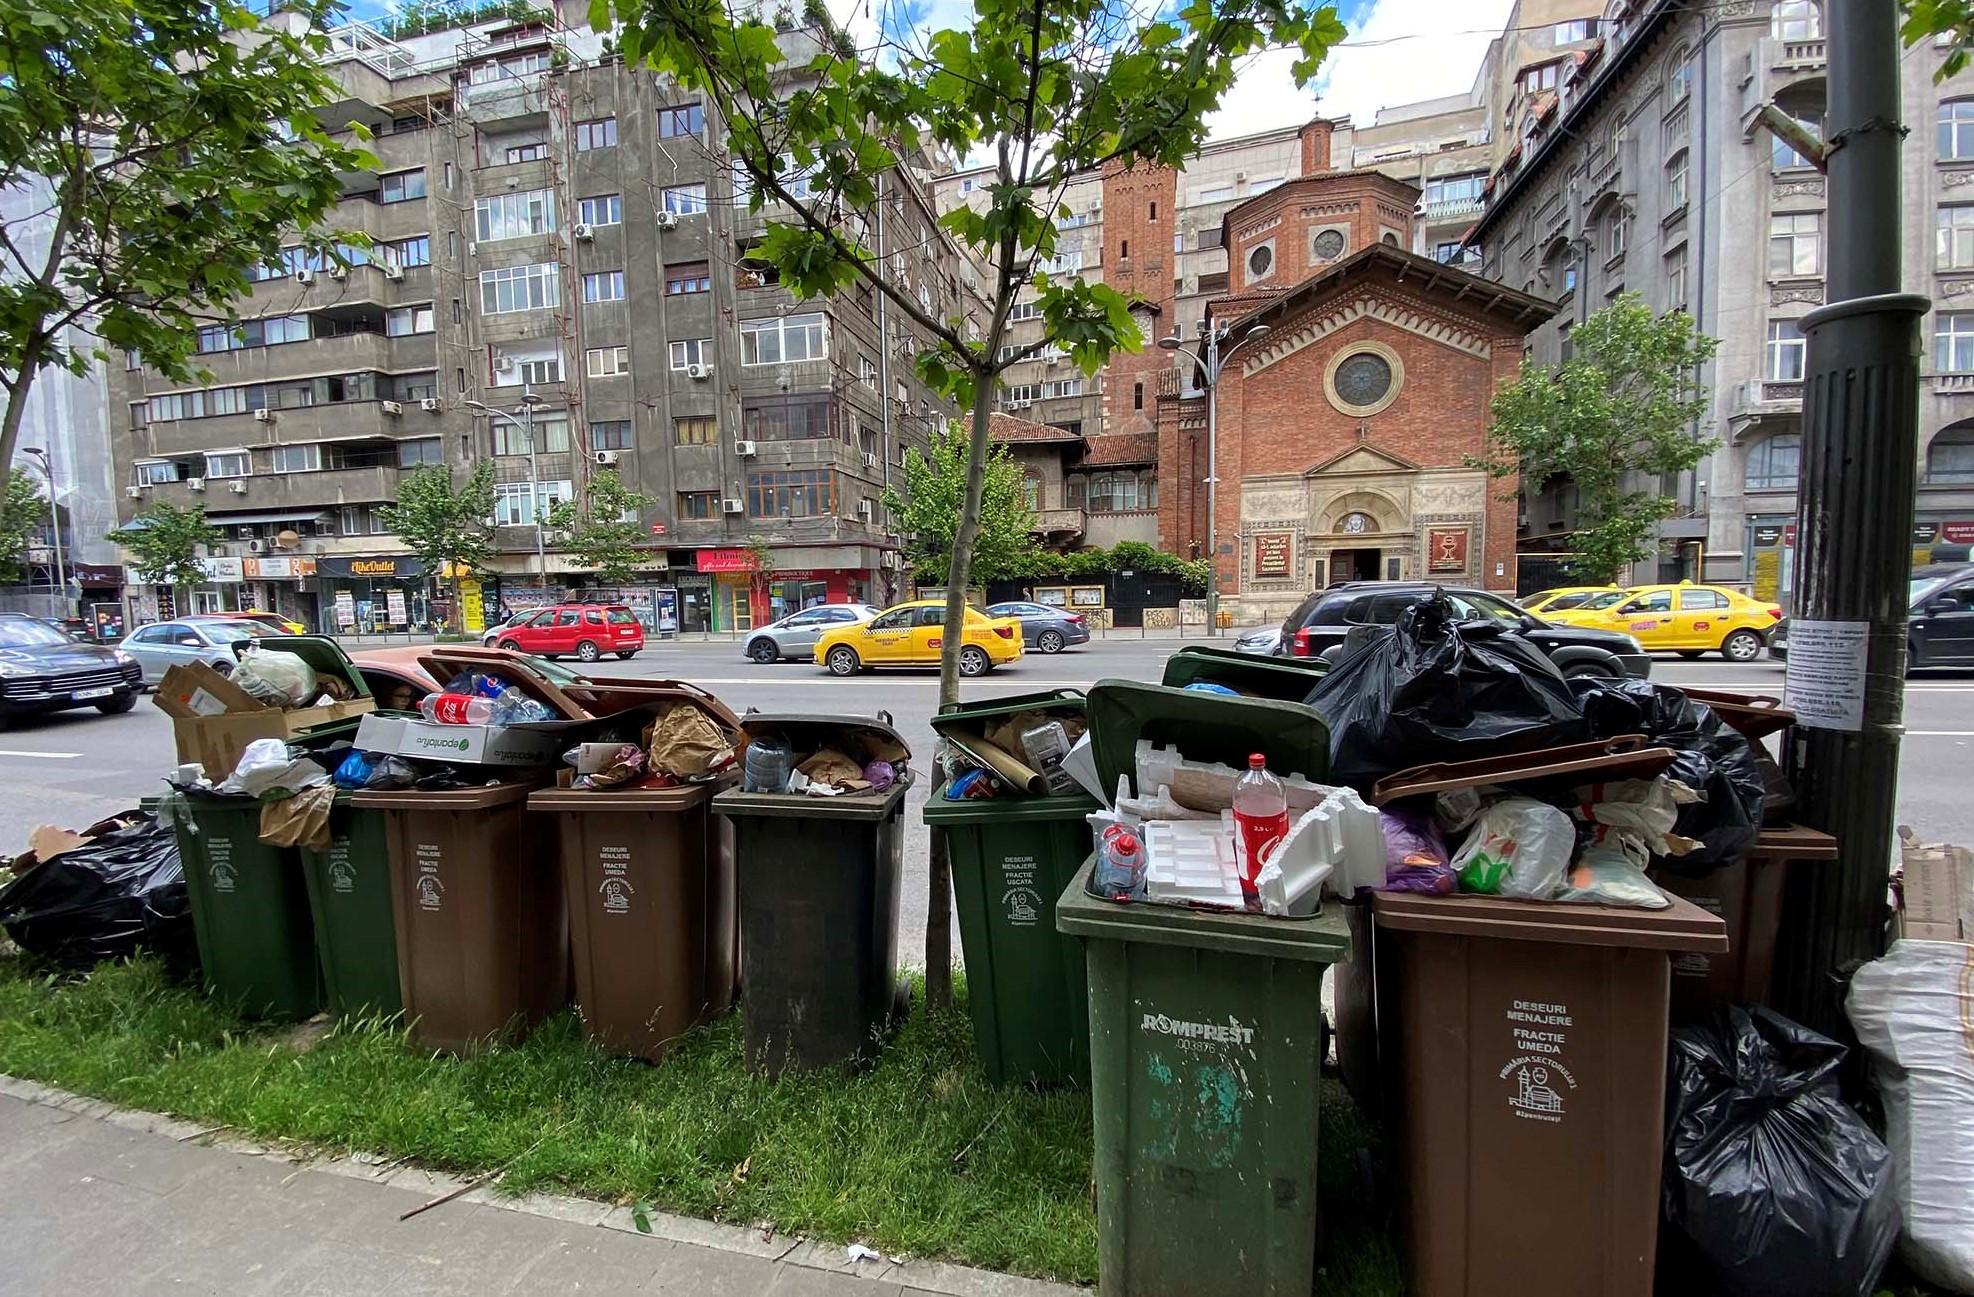 Ședință de lucru la Primăria S1. Clotilde Armand cheamă primarii la discuții pe tema gestionării deșeurilor